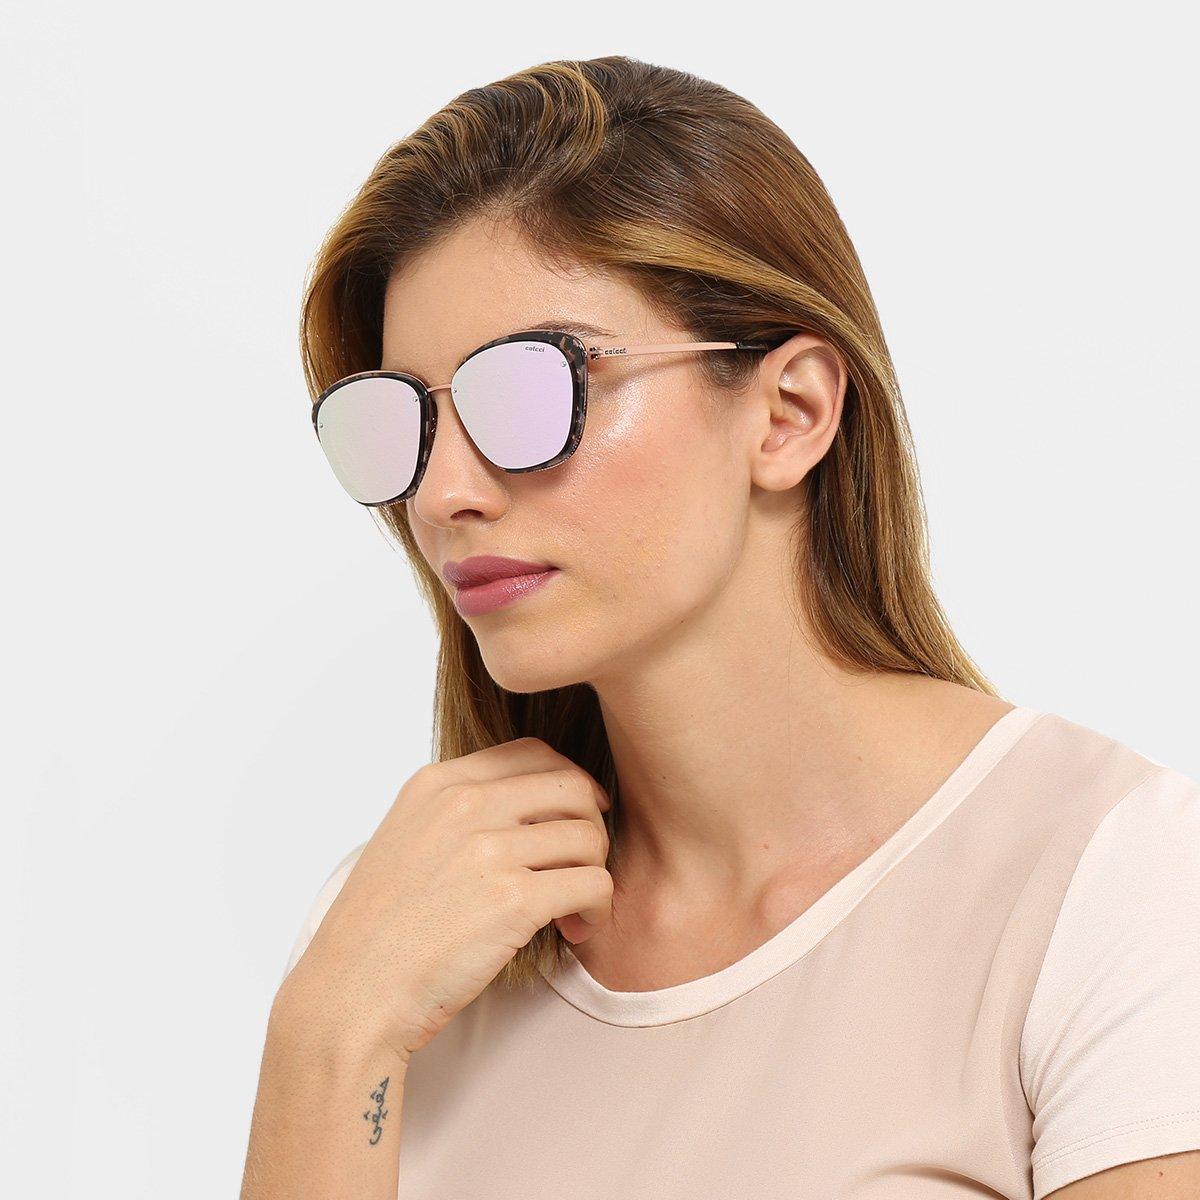 f7155f3169f94 Óculos de Sol Colcci Demi Feminino - Compre Agora   Zattini